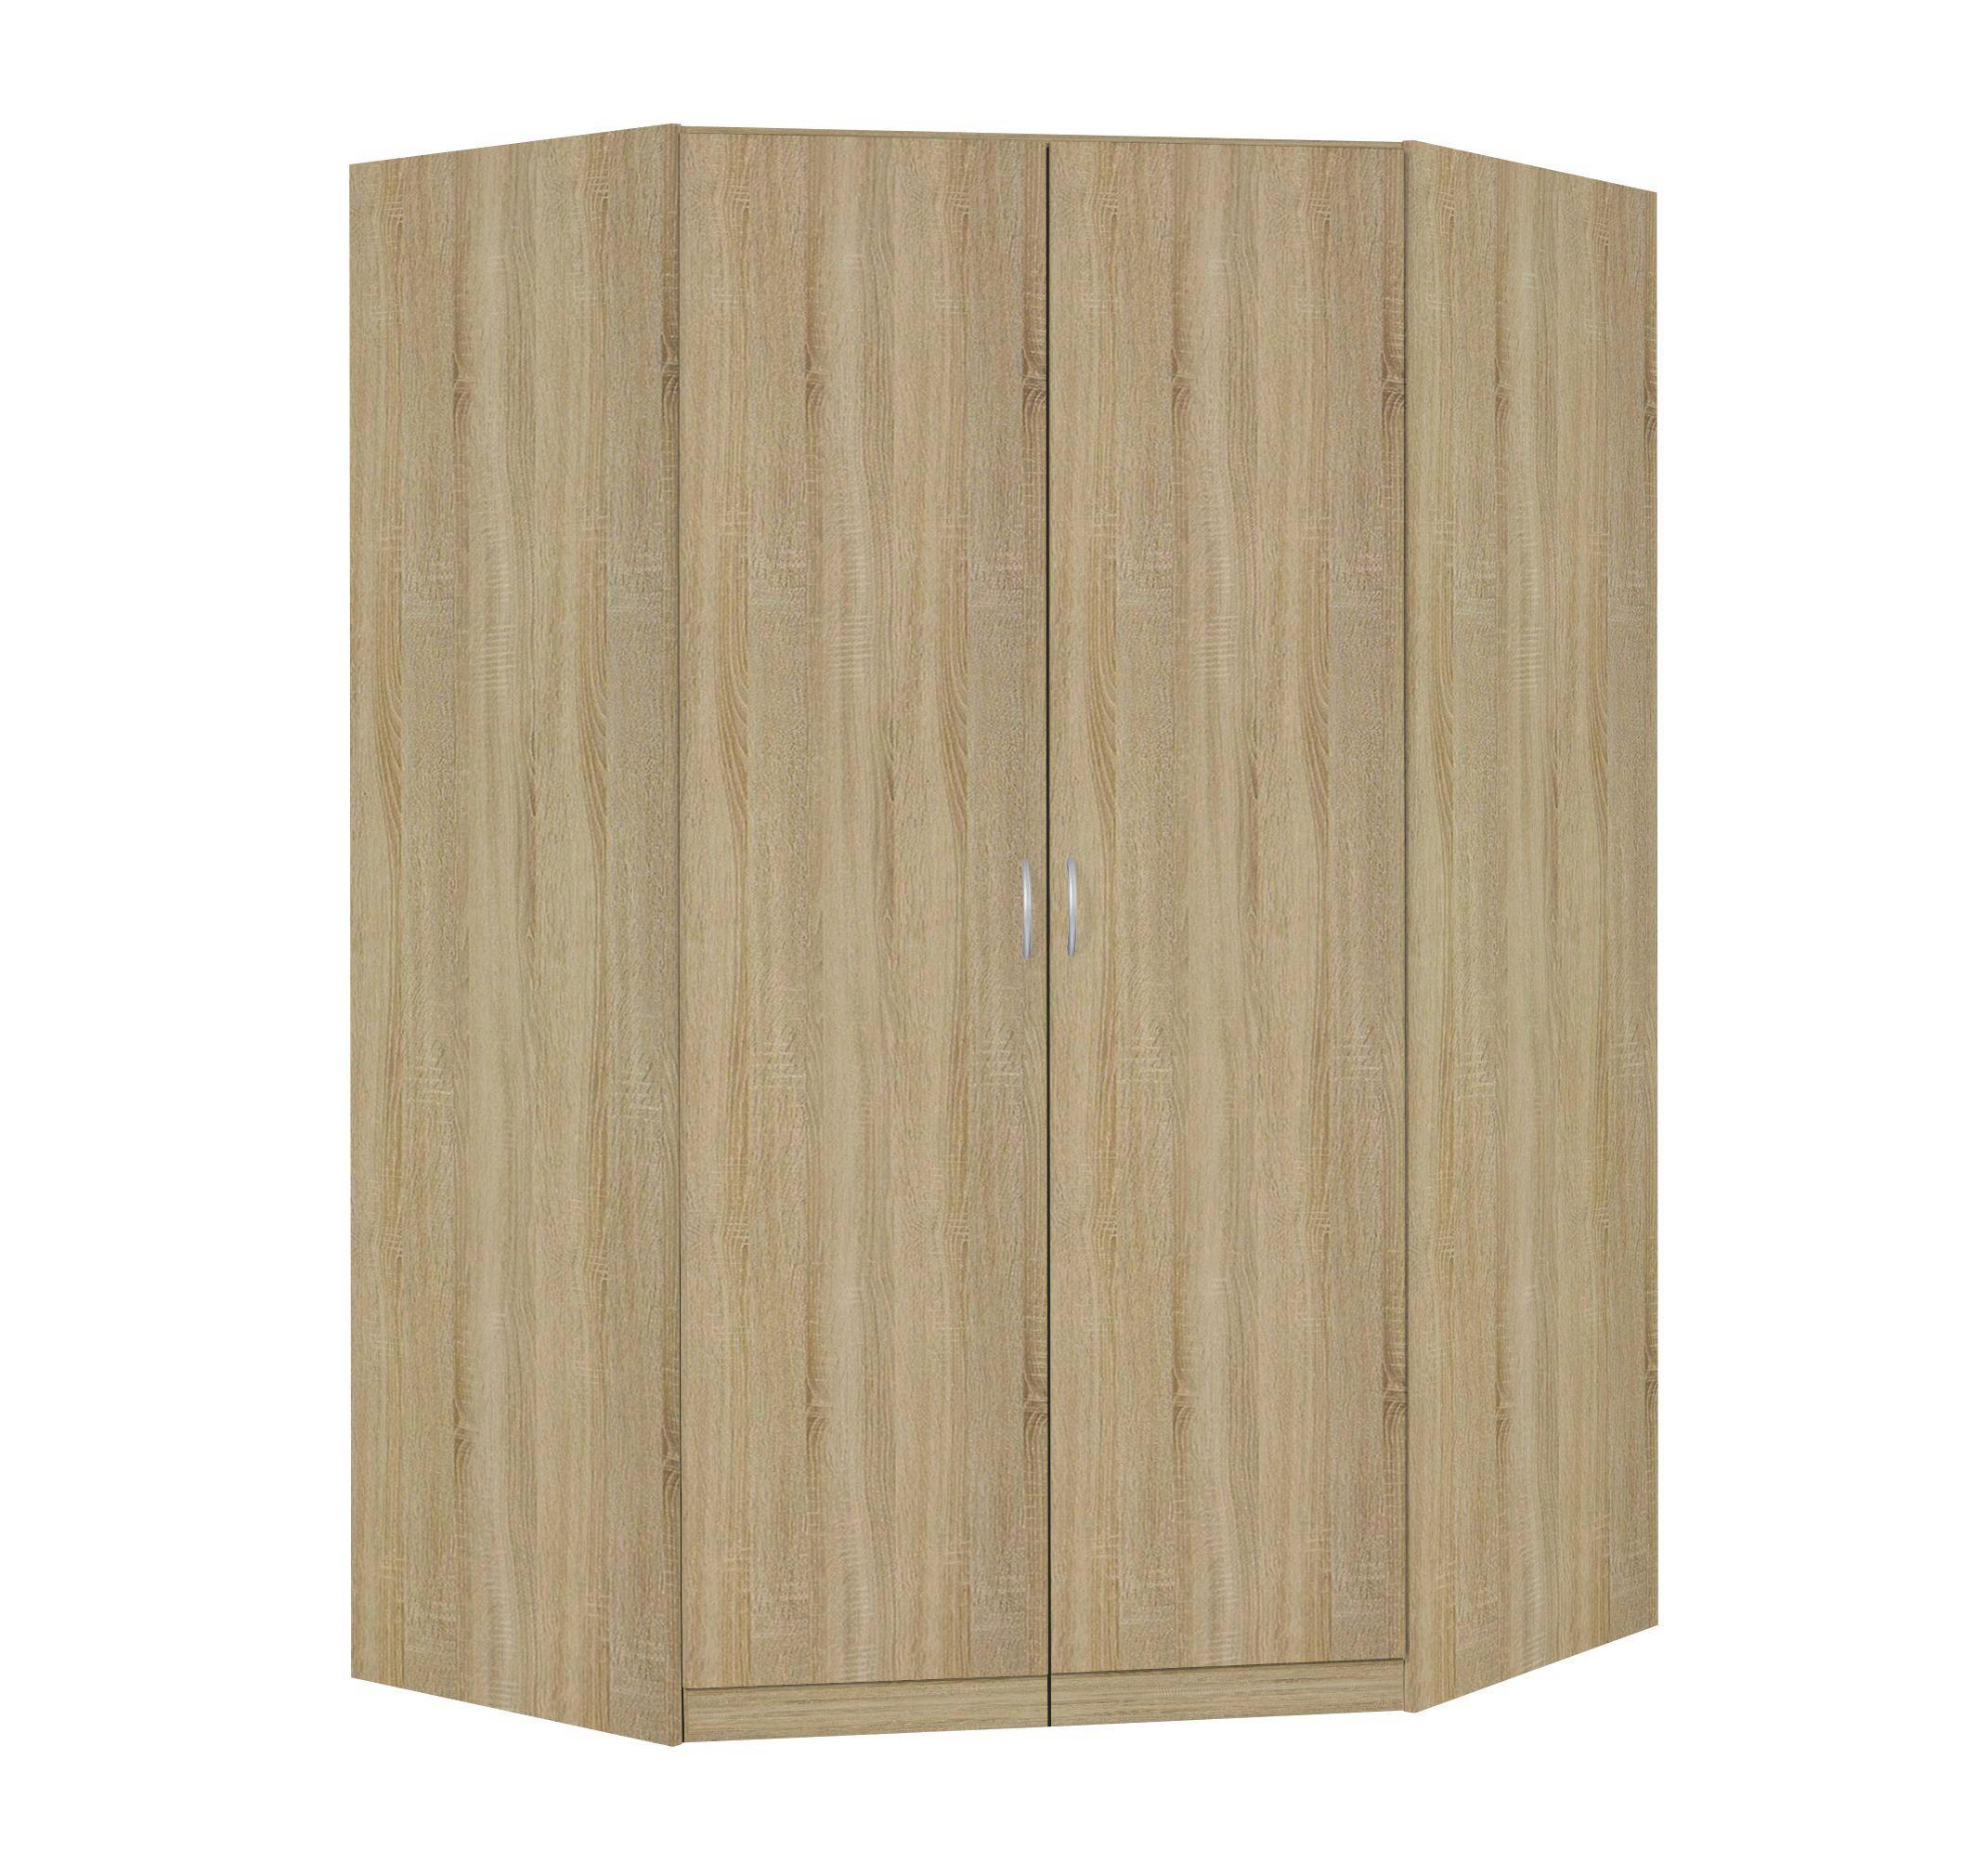 Full Size of Eckschrank Schlafzimmer Sonoma Eiche Online Kaufen Xxxlutz Teppich Kronleuchter Günstige Komplett Deckenleuchten Mit Lattenrost Und Matratze Set Günstig Schlafzimmer Eckschrank Schlafzimmer